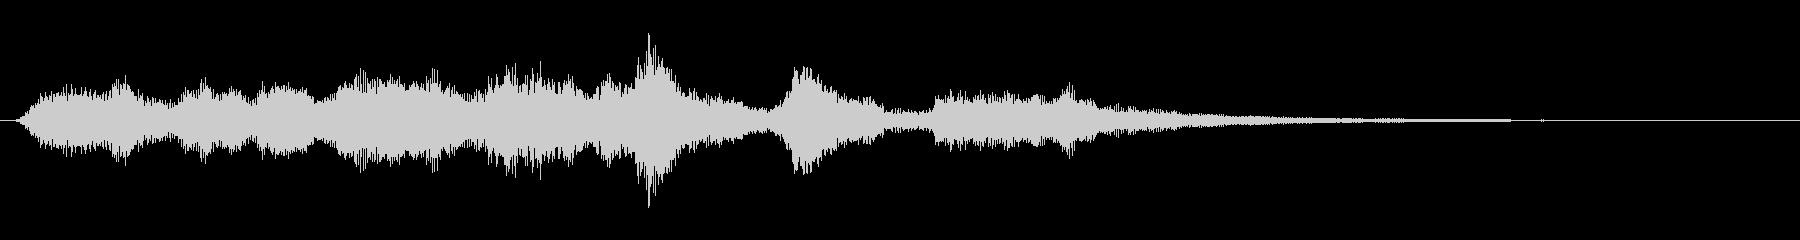 ピアノとオーケストラのショートジングルの未再生の波形